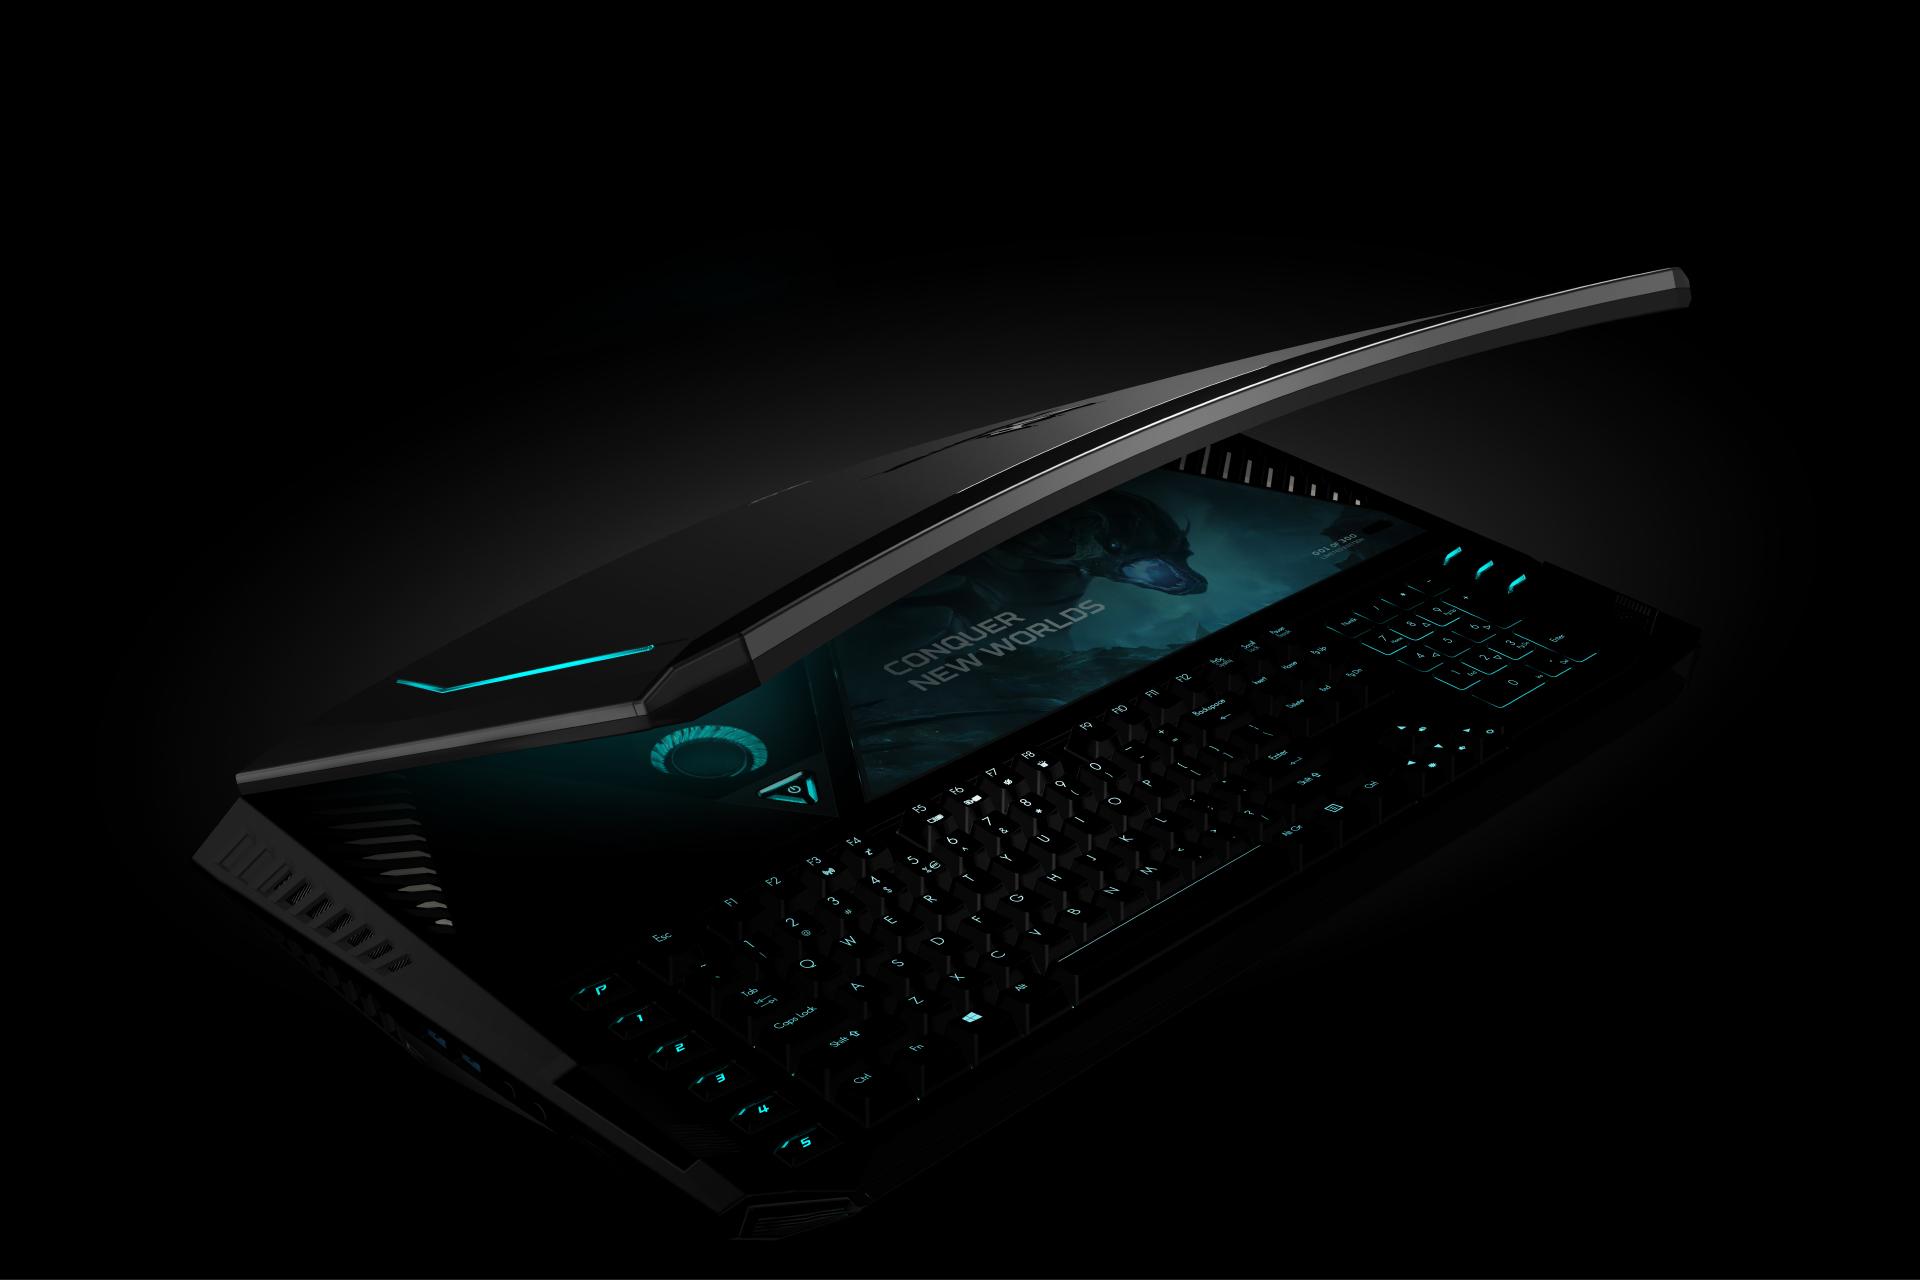 Asus 3d Wallpaper Hd Predator 21 X Laptops Predator